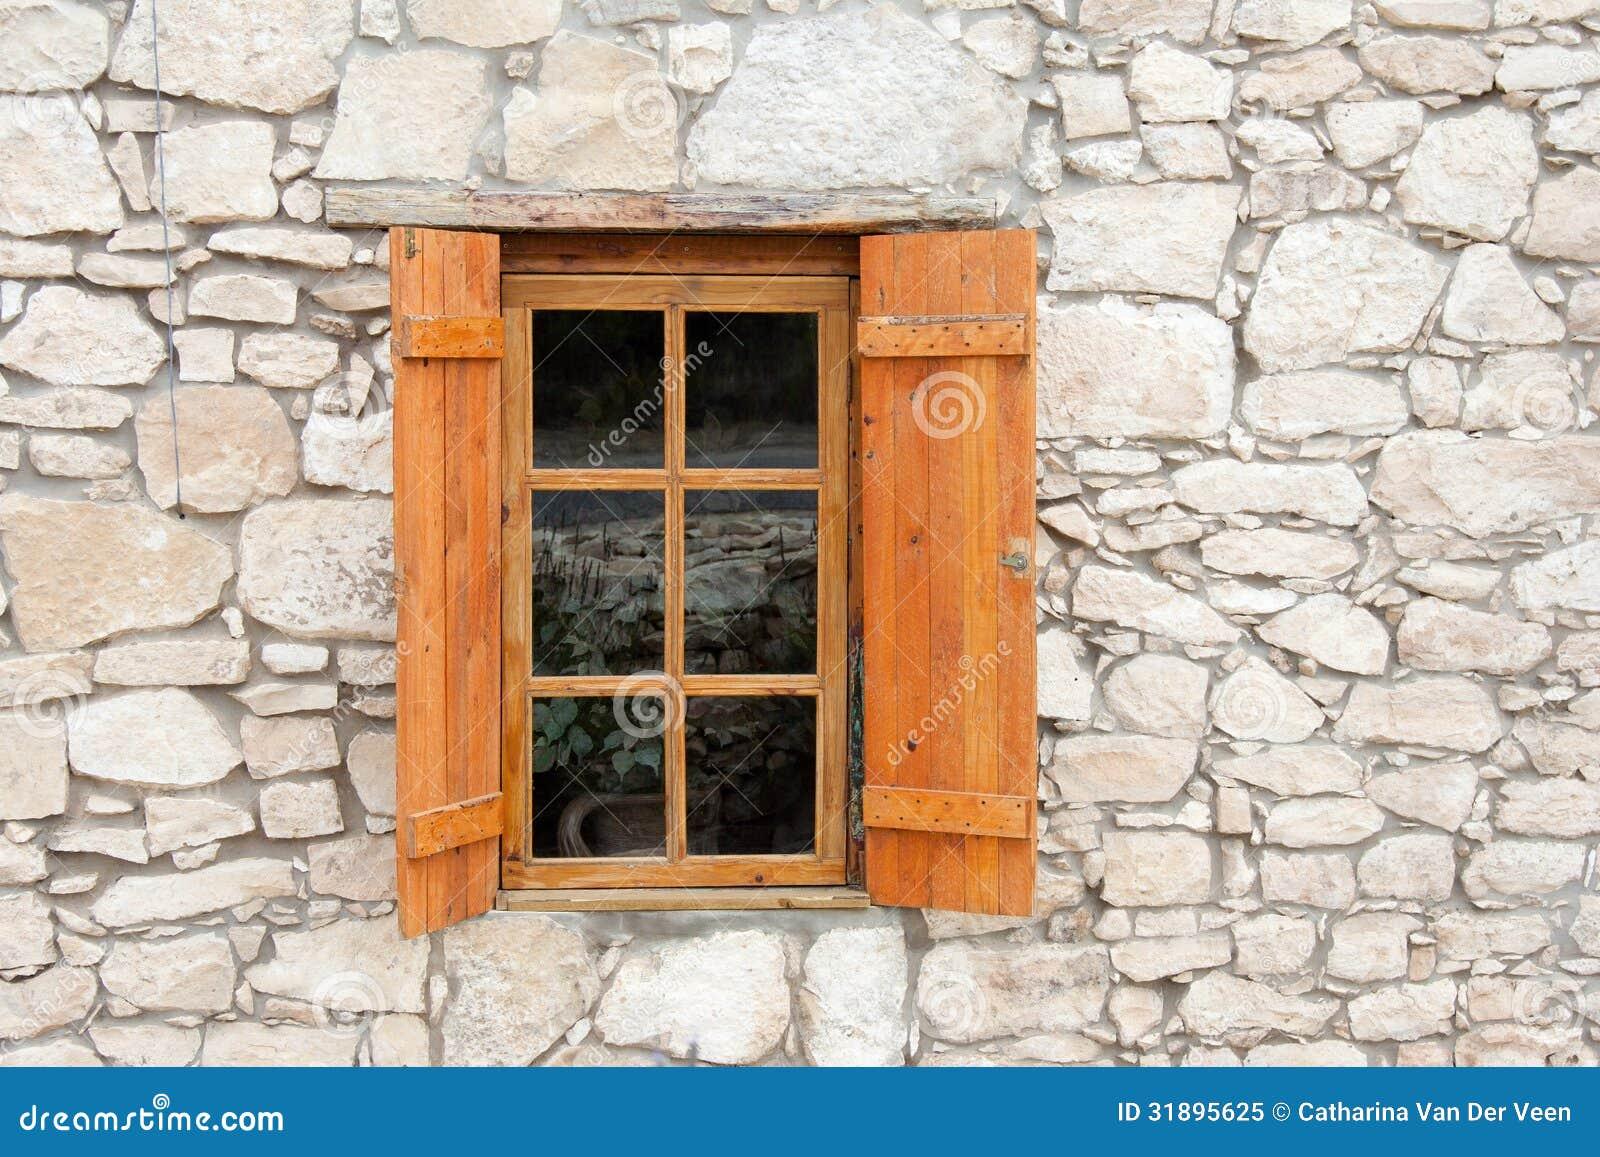 h lzernes fenster und fensterl den in der steinwand lizenzfreies stockfoto bild 31895625. Black Bedroom Furniture Sets. Home Design Ideas